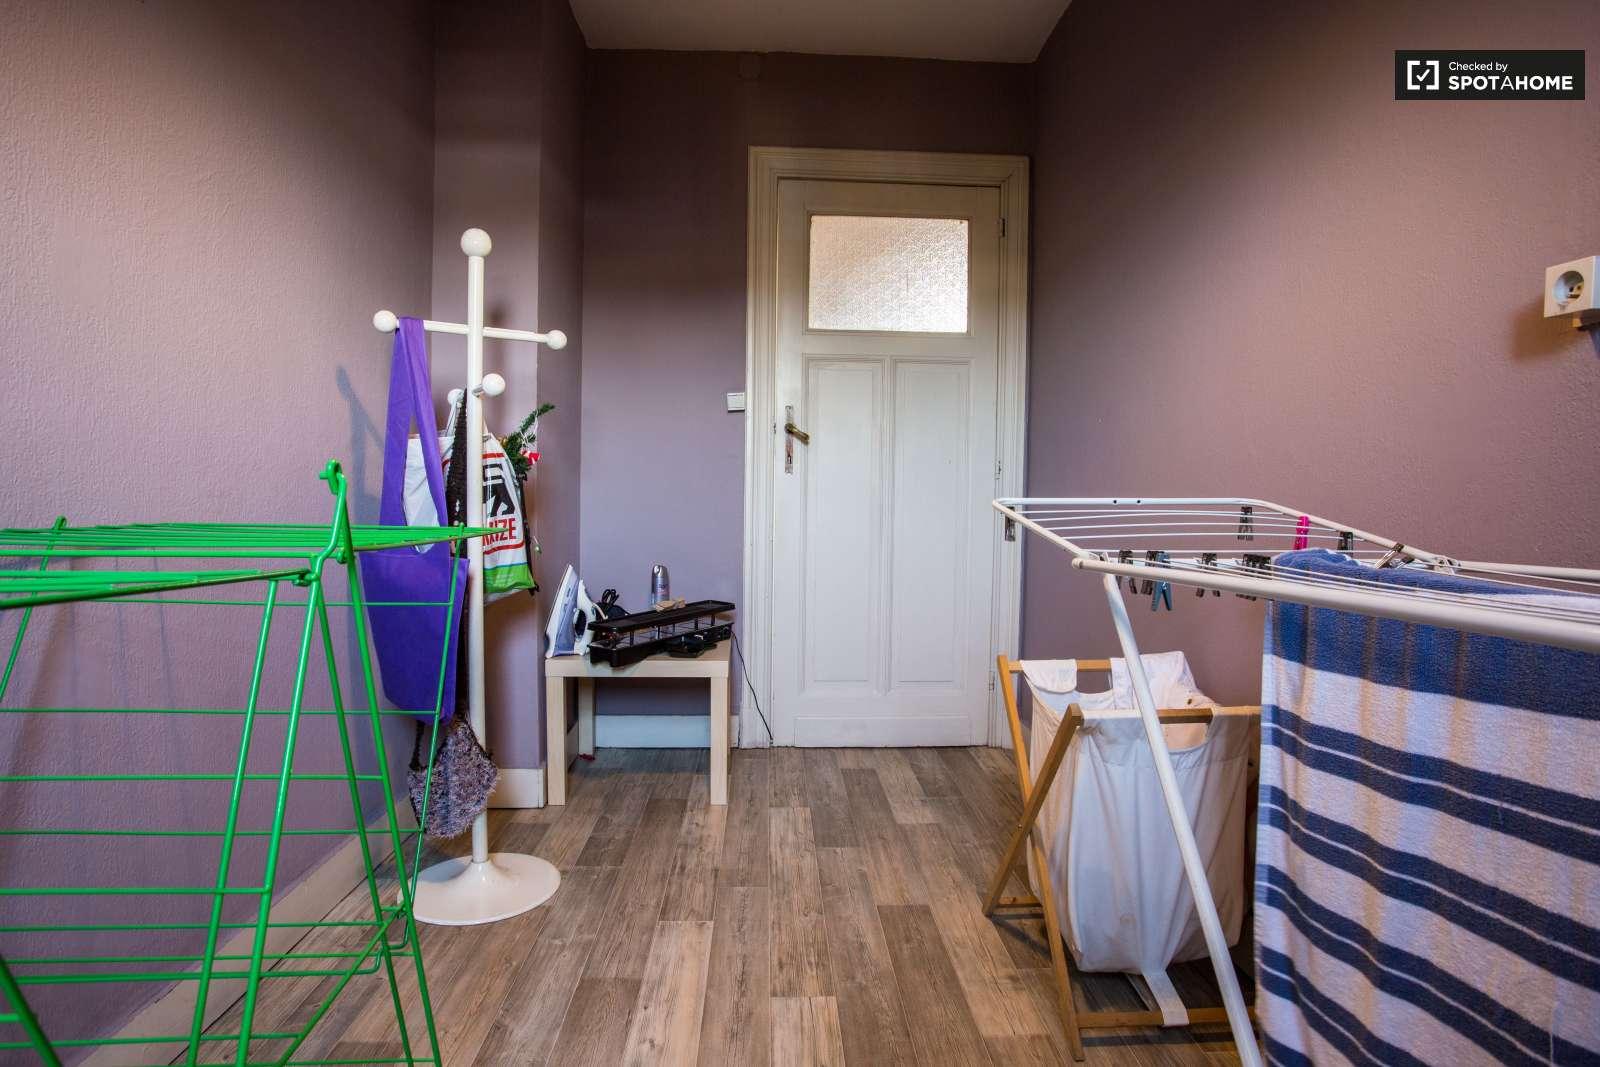 Chambre spacieuse dans un appartement de 8 chambres a for Lavage de tapis bruxelles